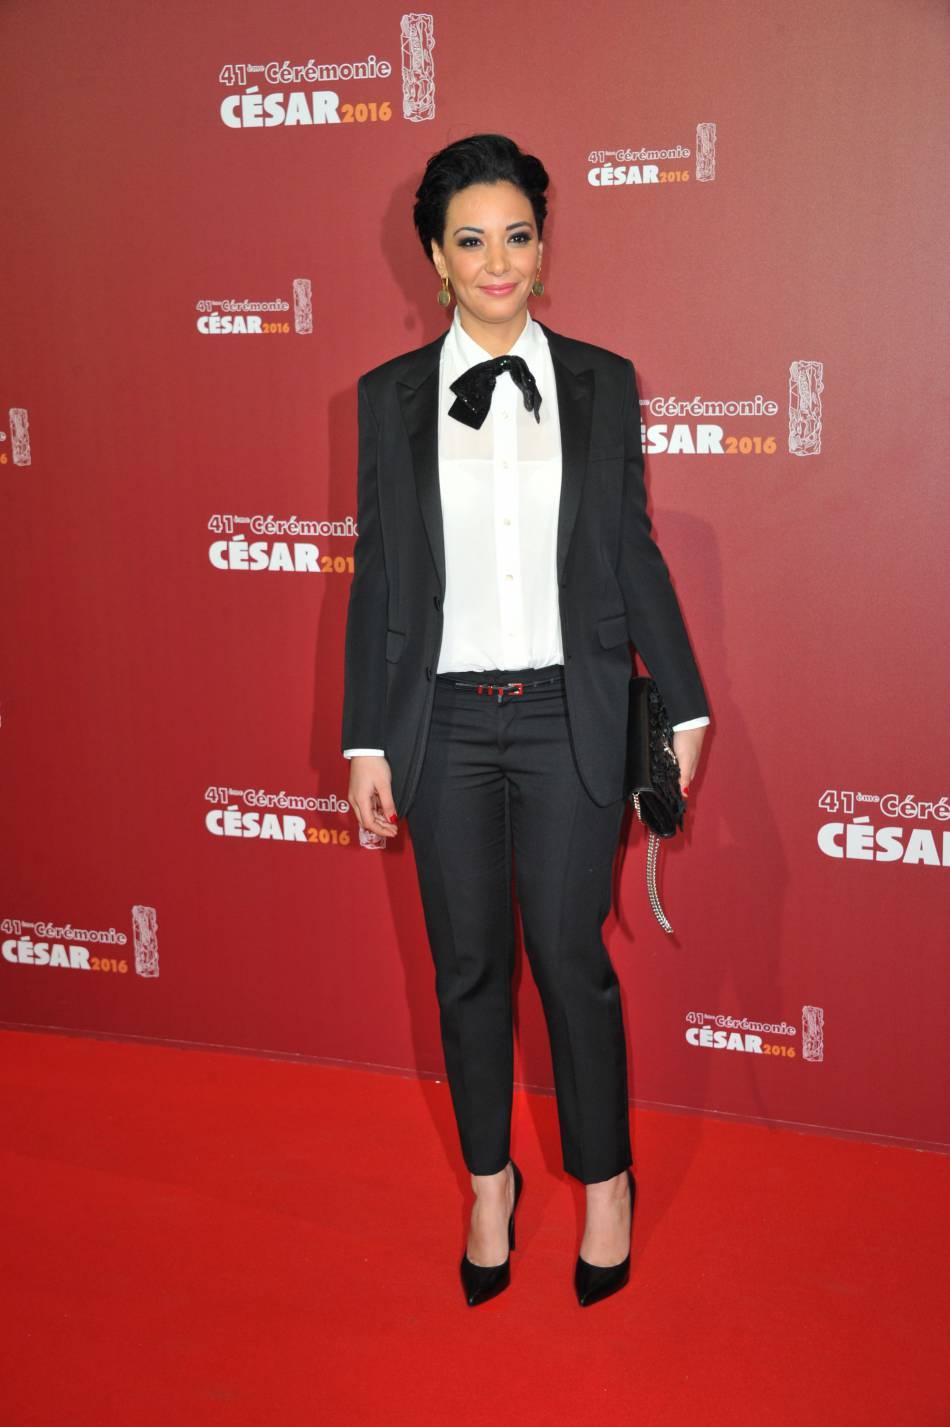 La cérémonie des César 2016 : Loubna Abidar